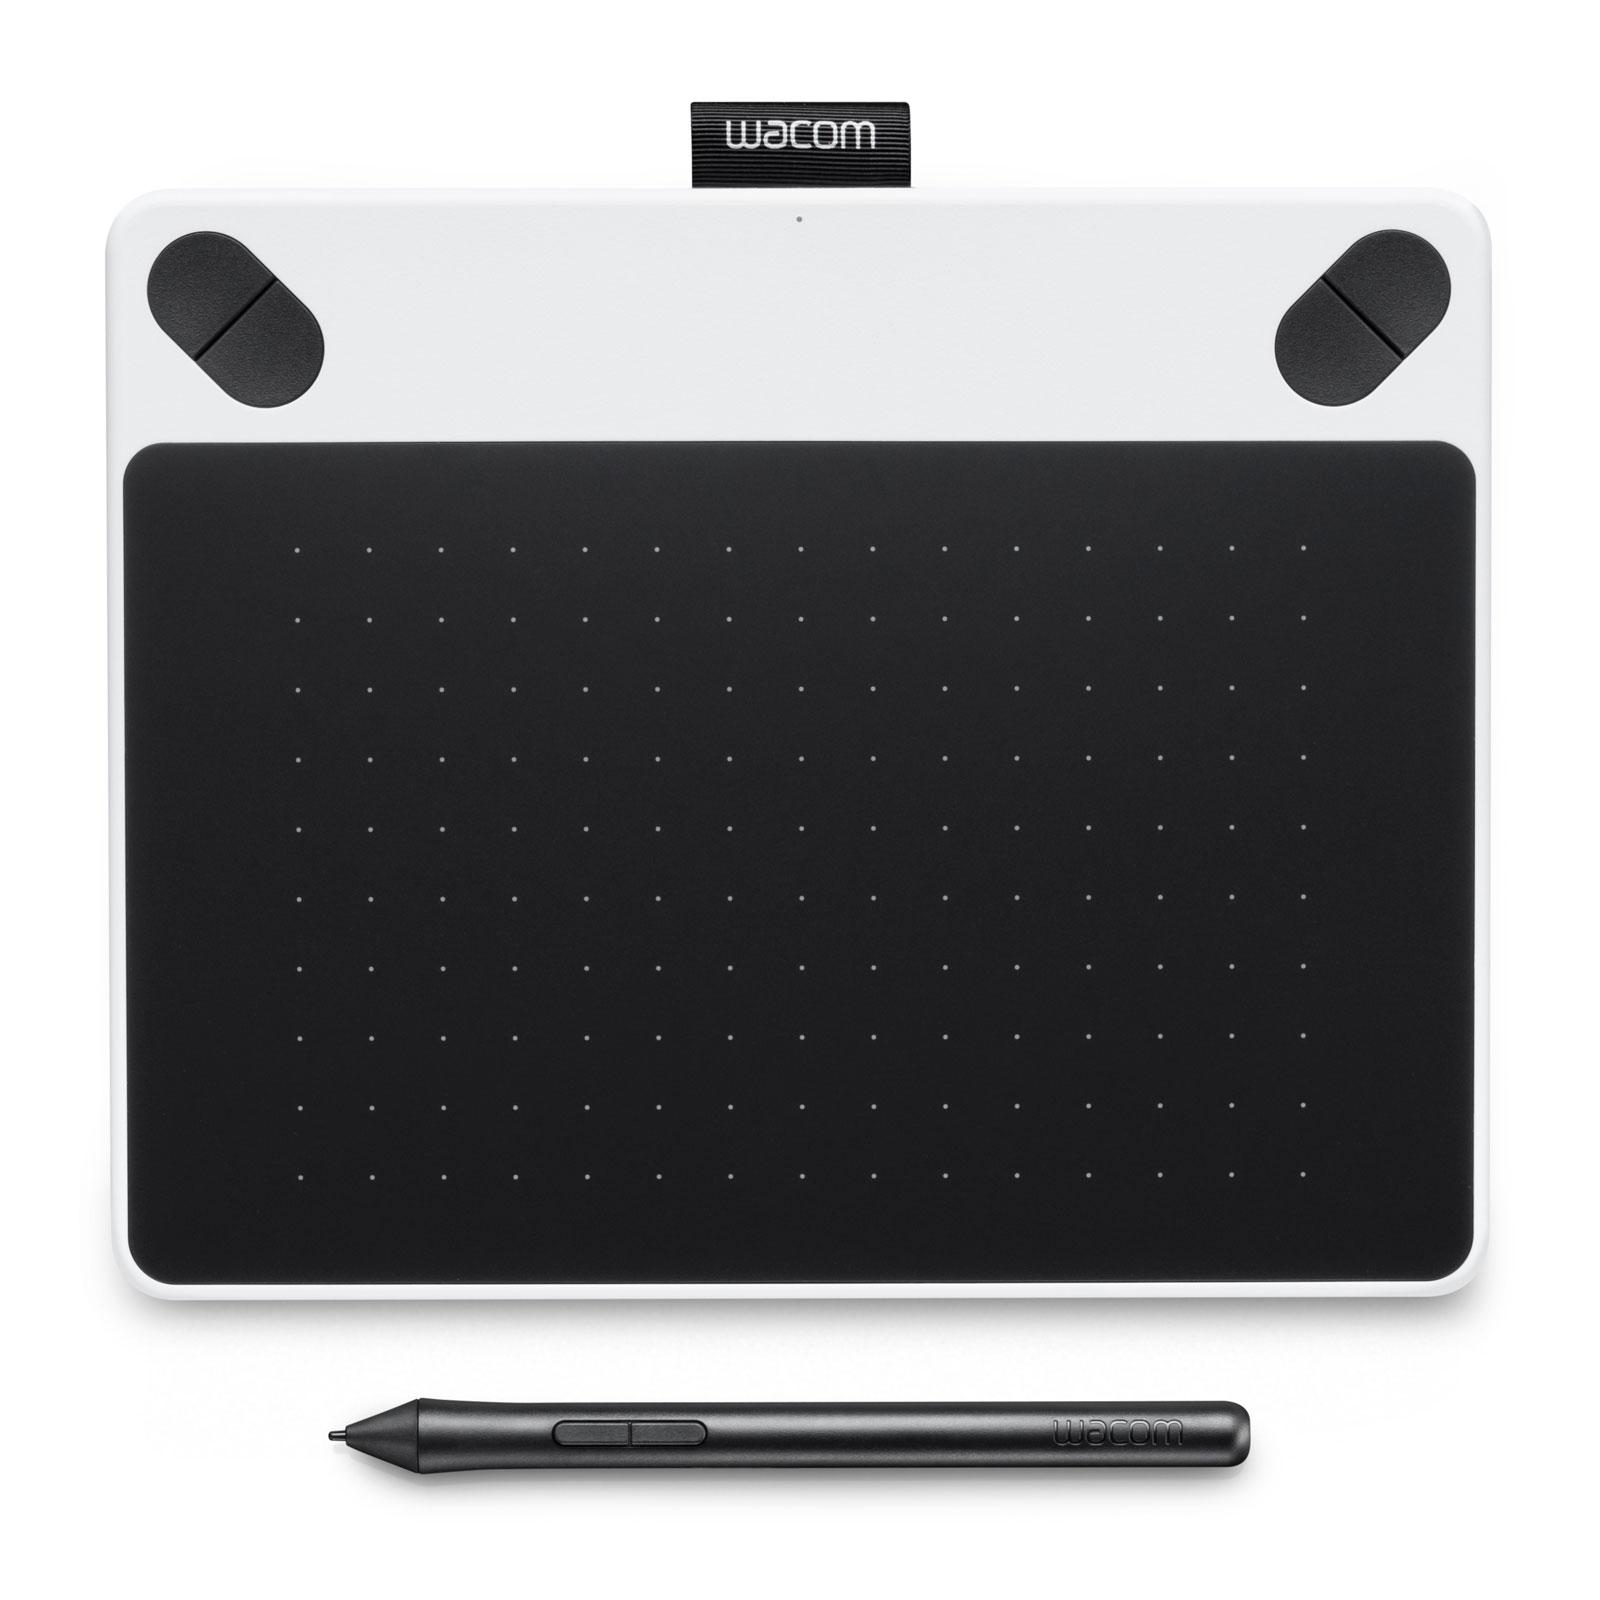 Wacom Intuos Draw Small - Tablette graphique Wacom - Cybertek.fr - 4